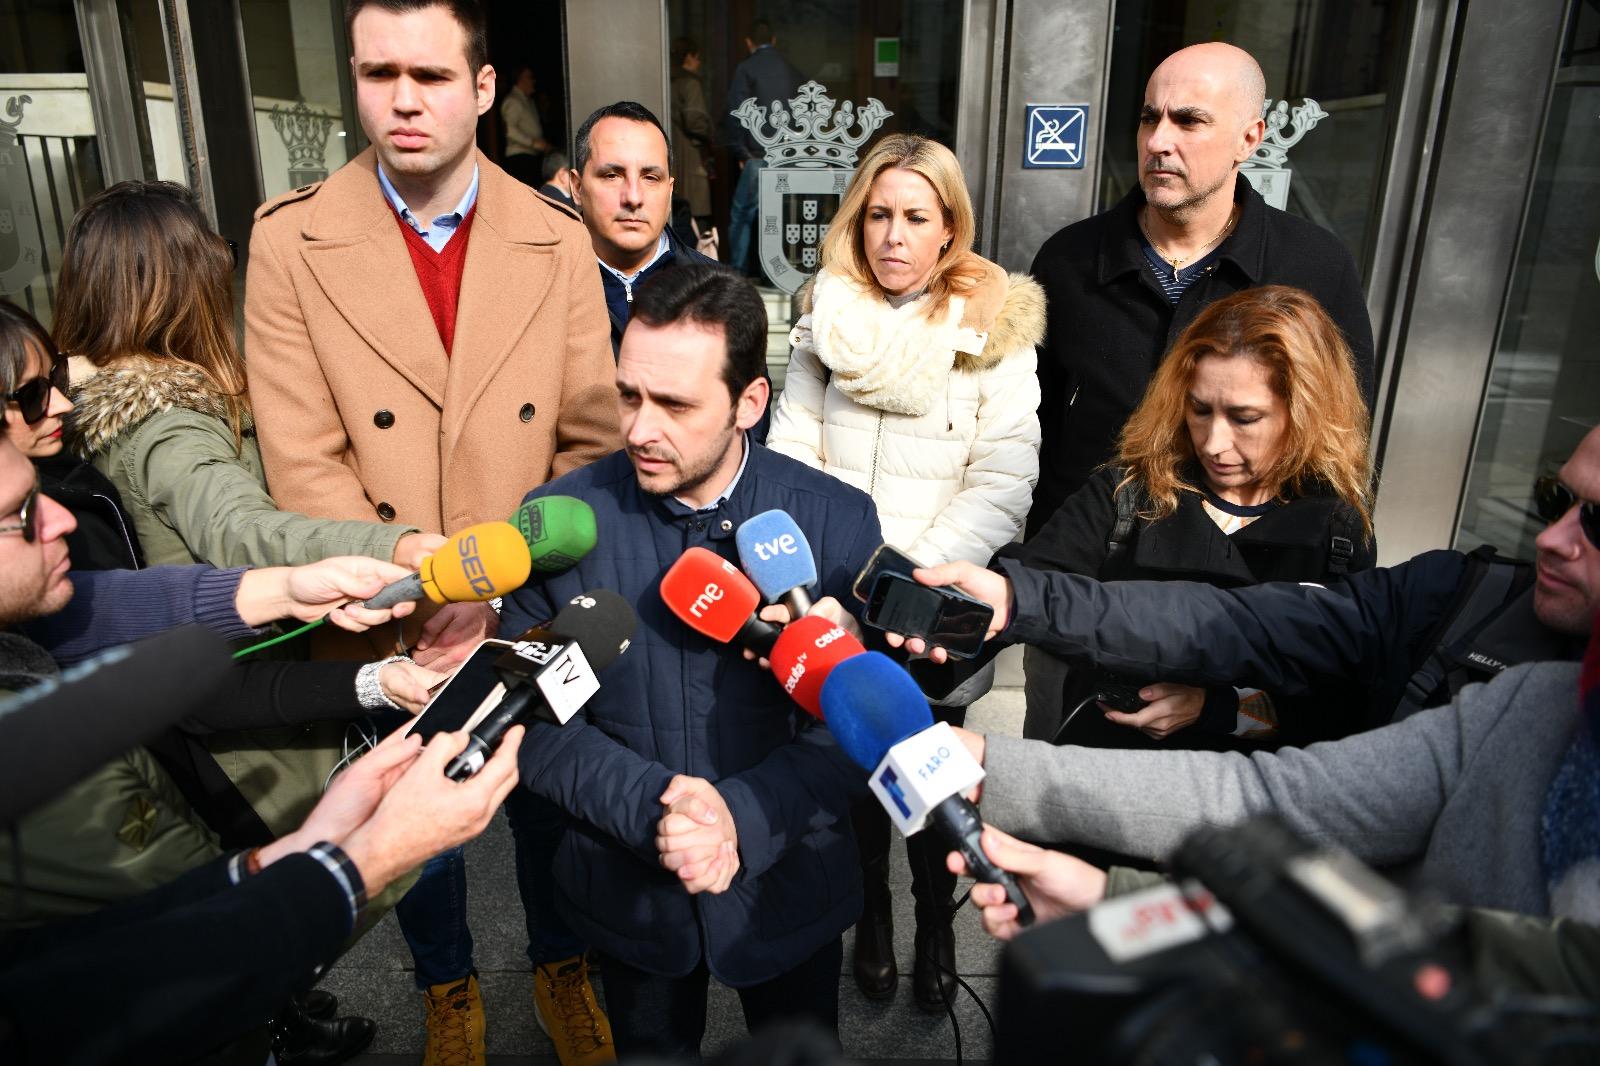 El Sindicato de Periodistas de Andalucía condena y rechaza los insultos y amenazas a periodistas y medios de comunicación de Ceuta por un dirigente de Vox